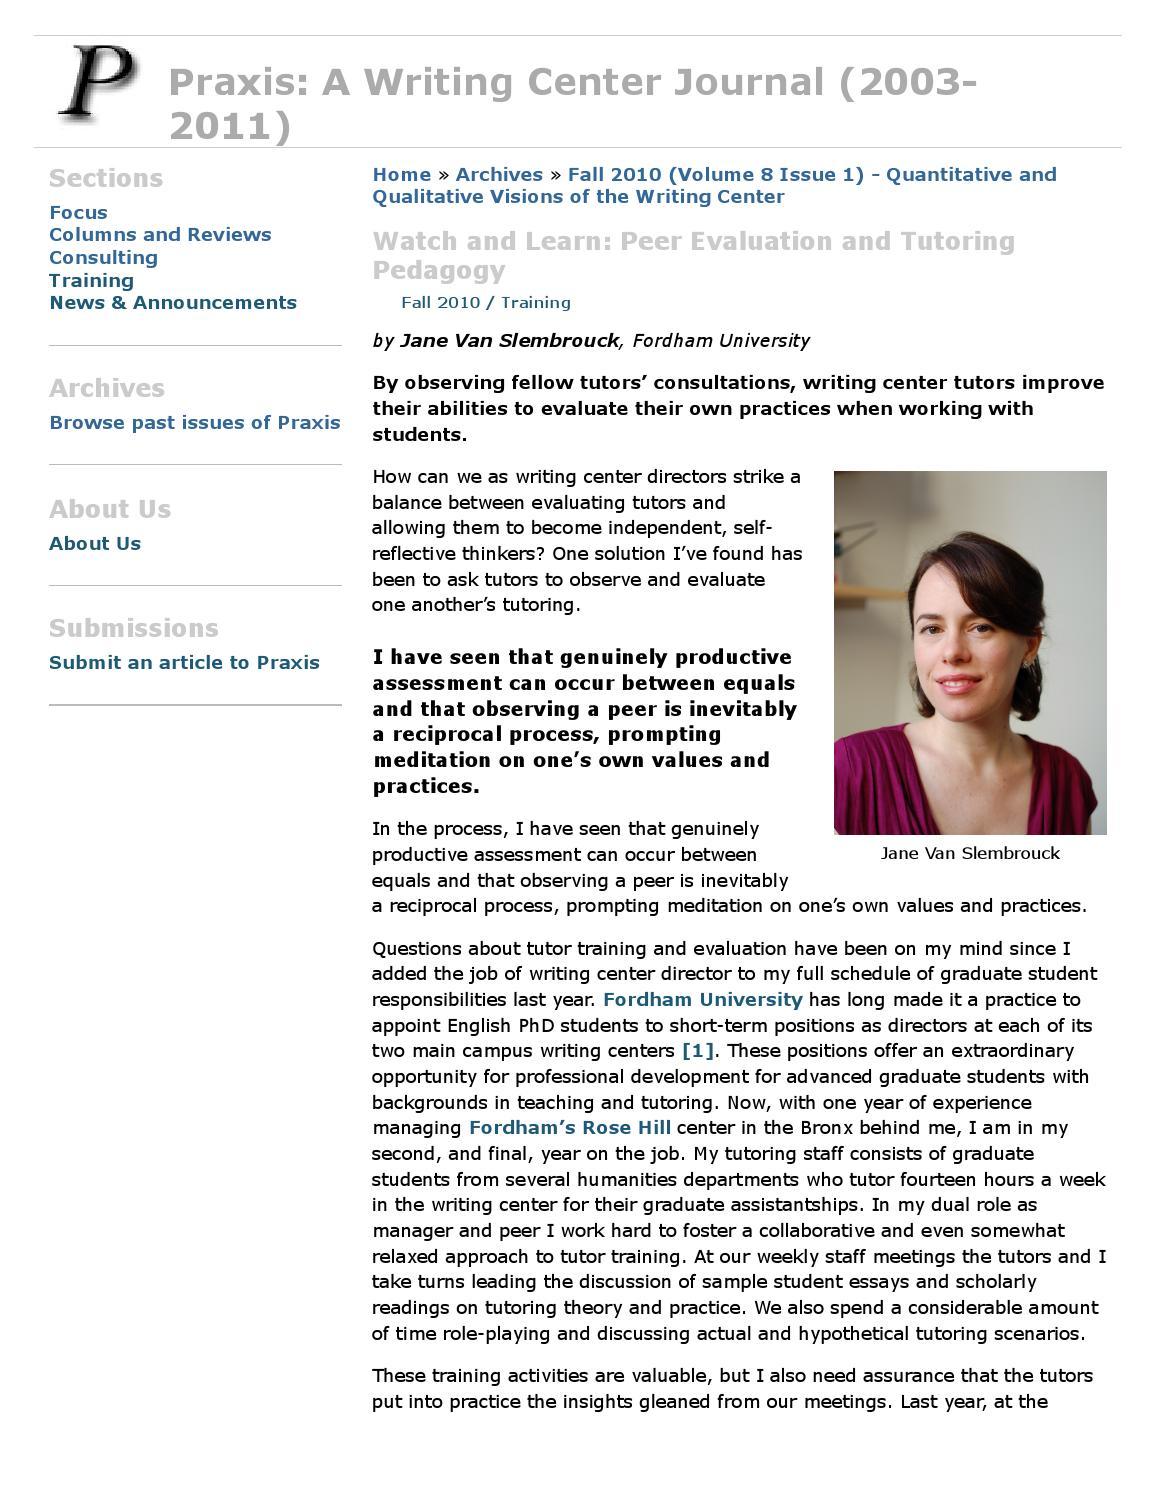 Praxis a writing center journal